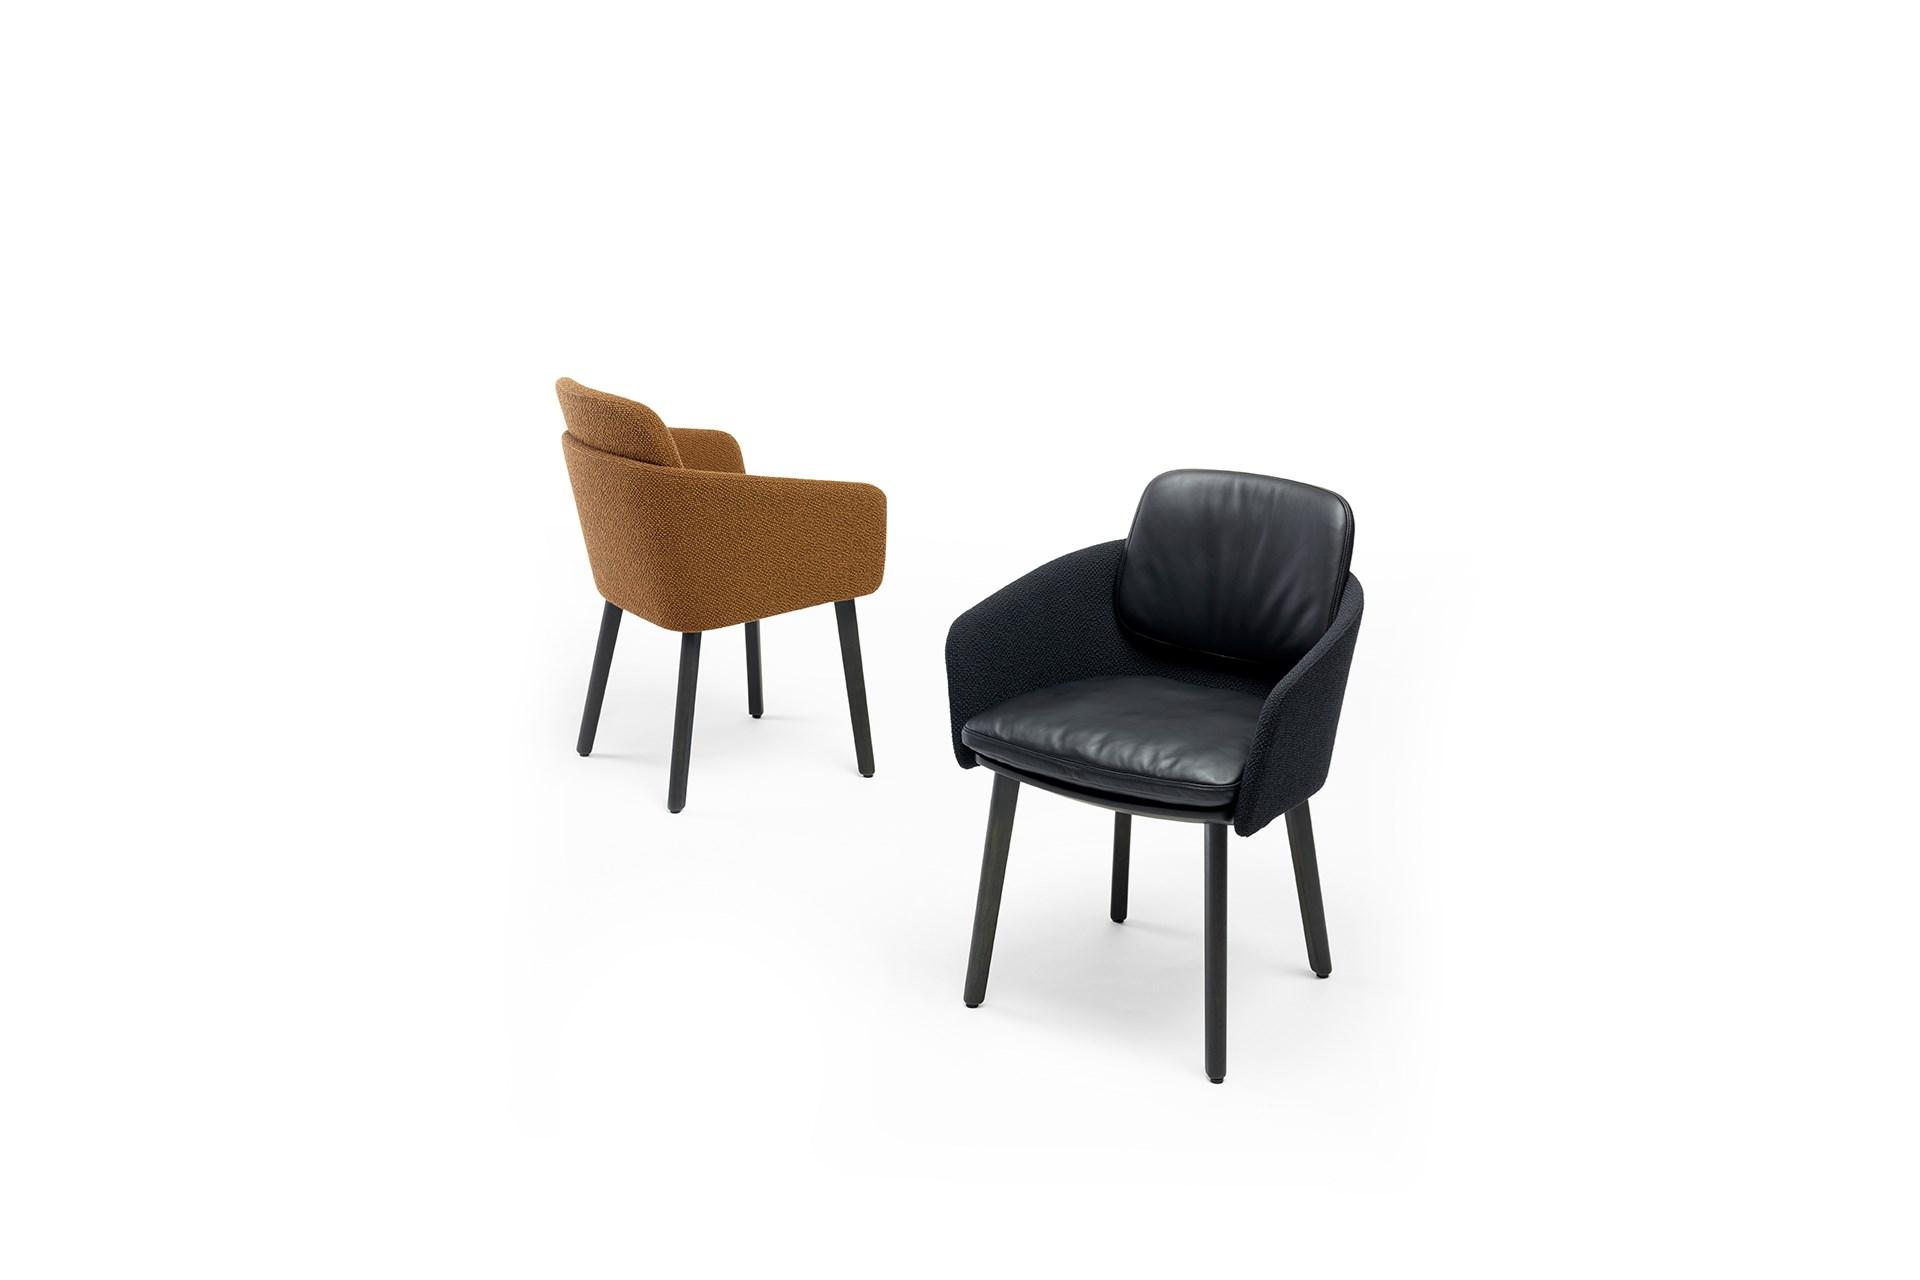 chaise chaise de repas laze arco